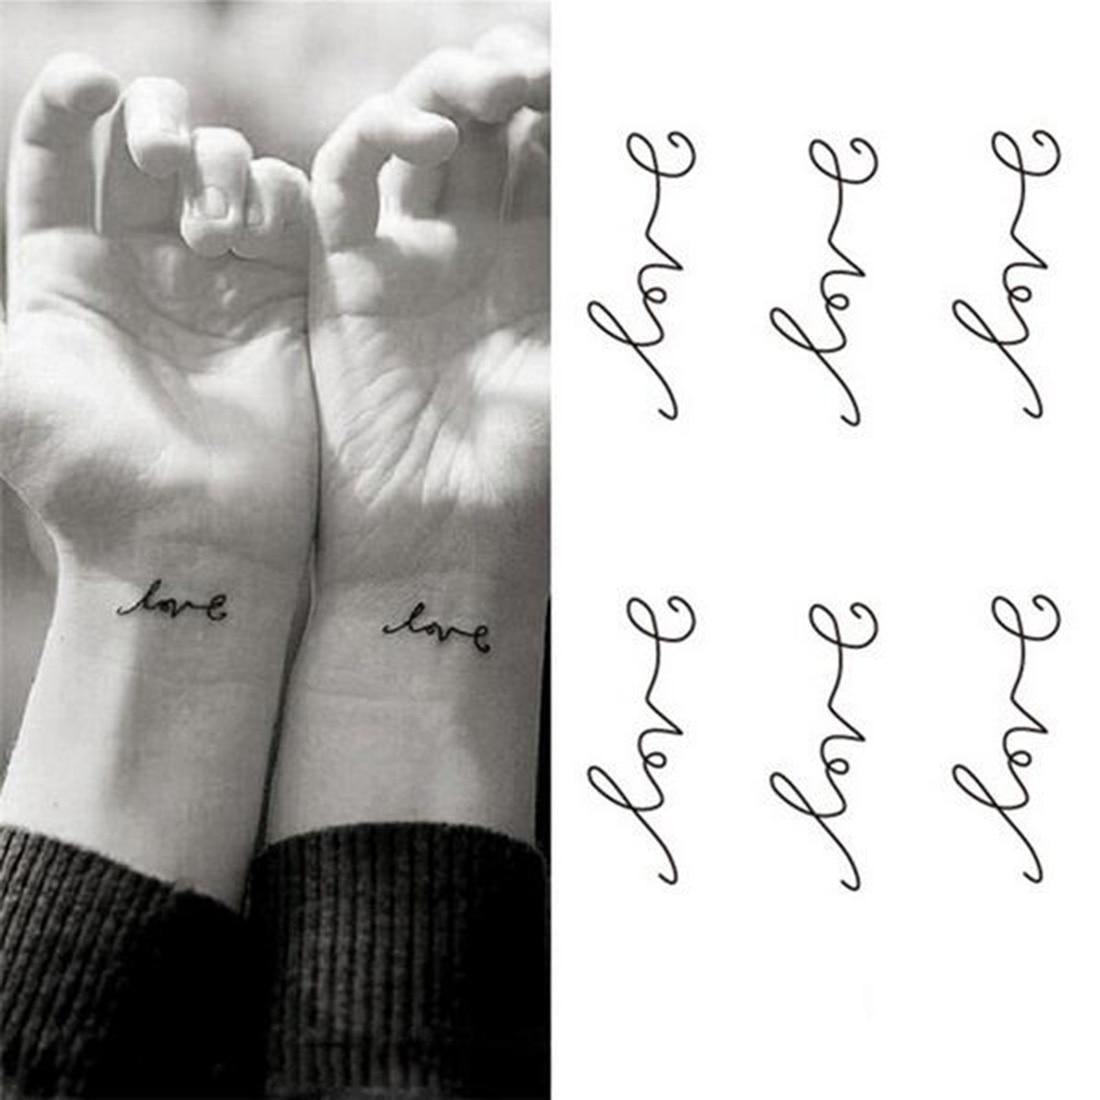 Waterproof Temporary Tattoo Sticker Letters Love Tattoo Water Transfer Fake Tattoo Flash Tattoo For Unisex